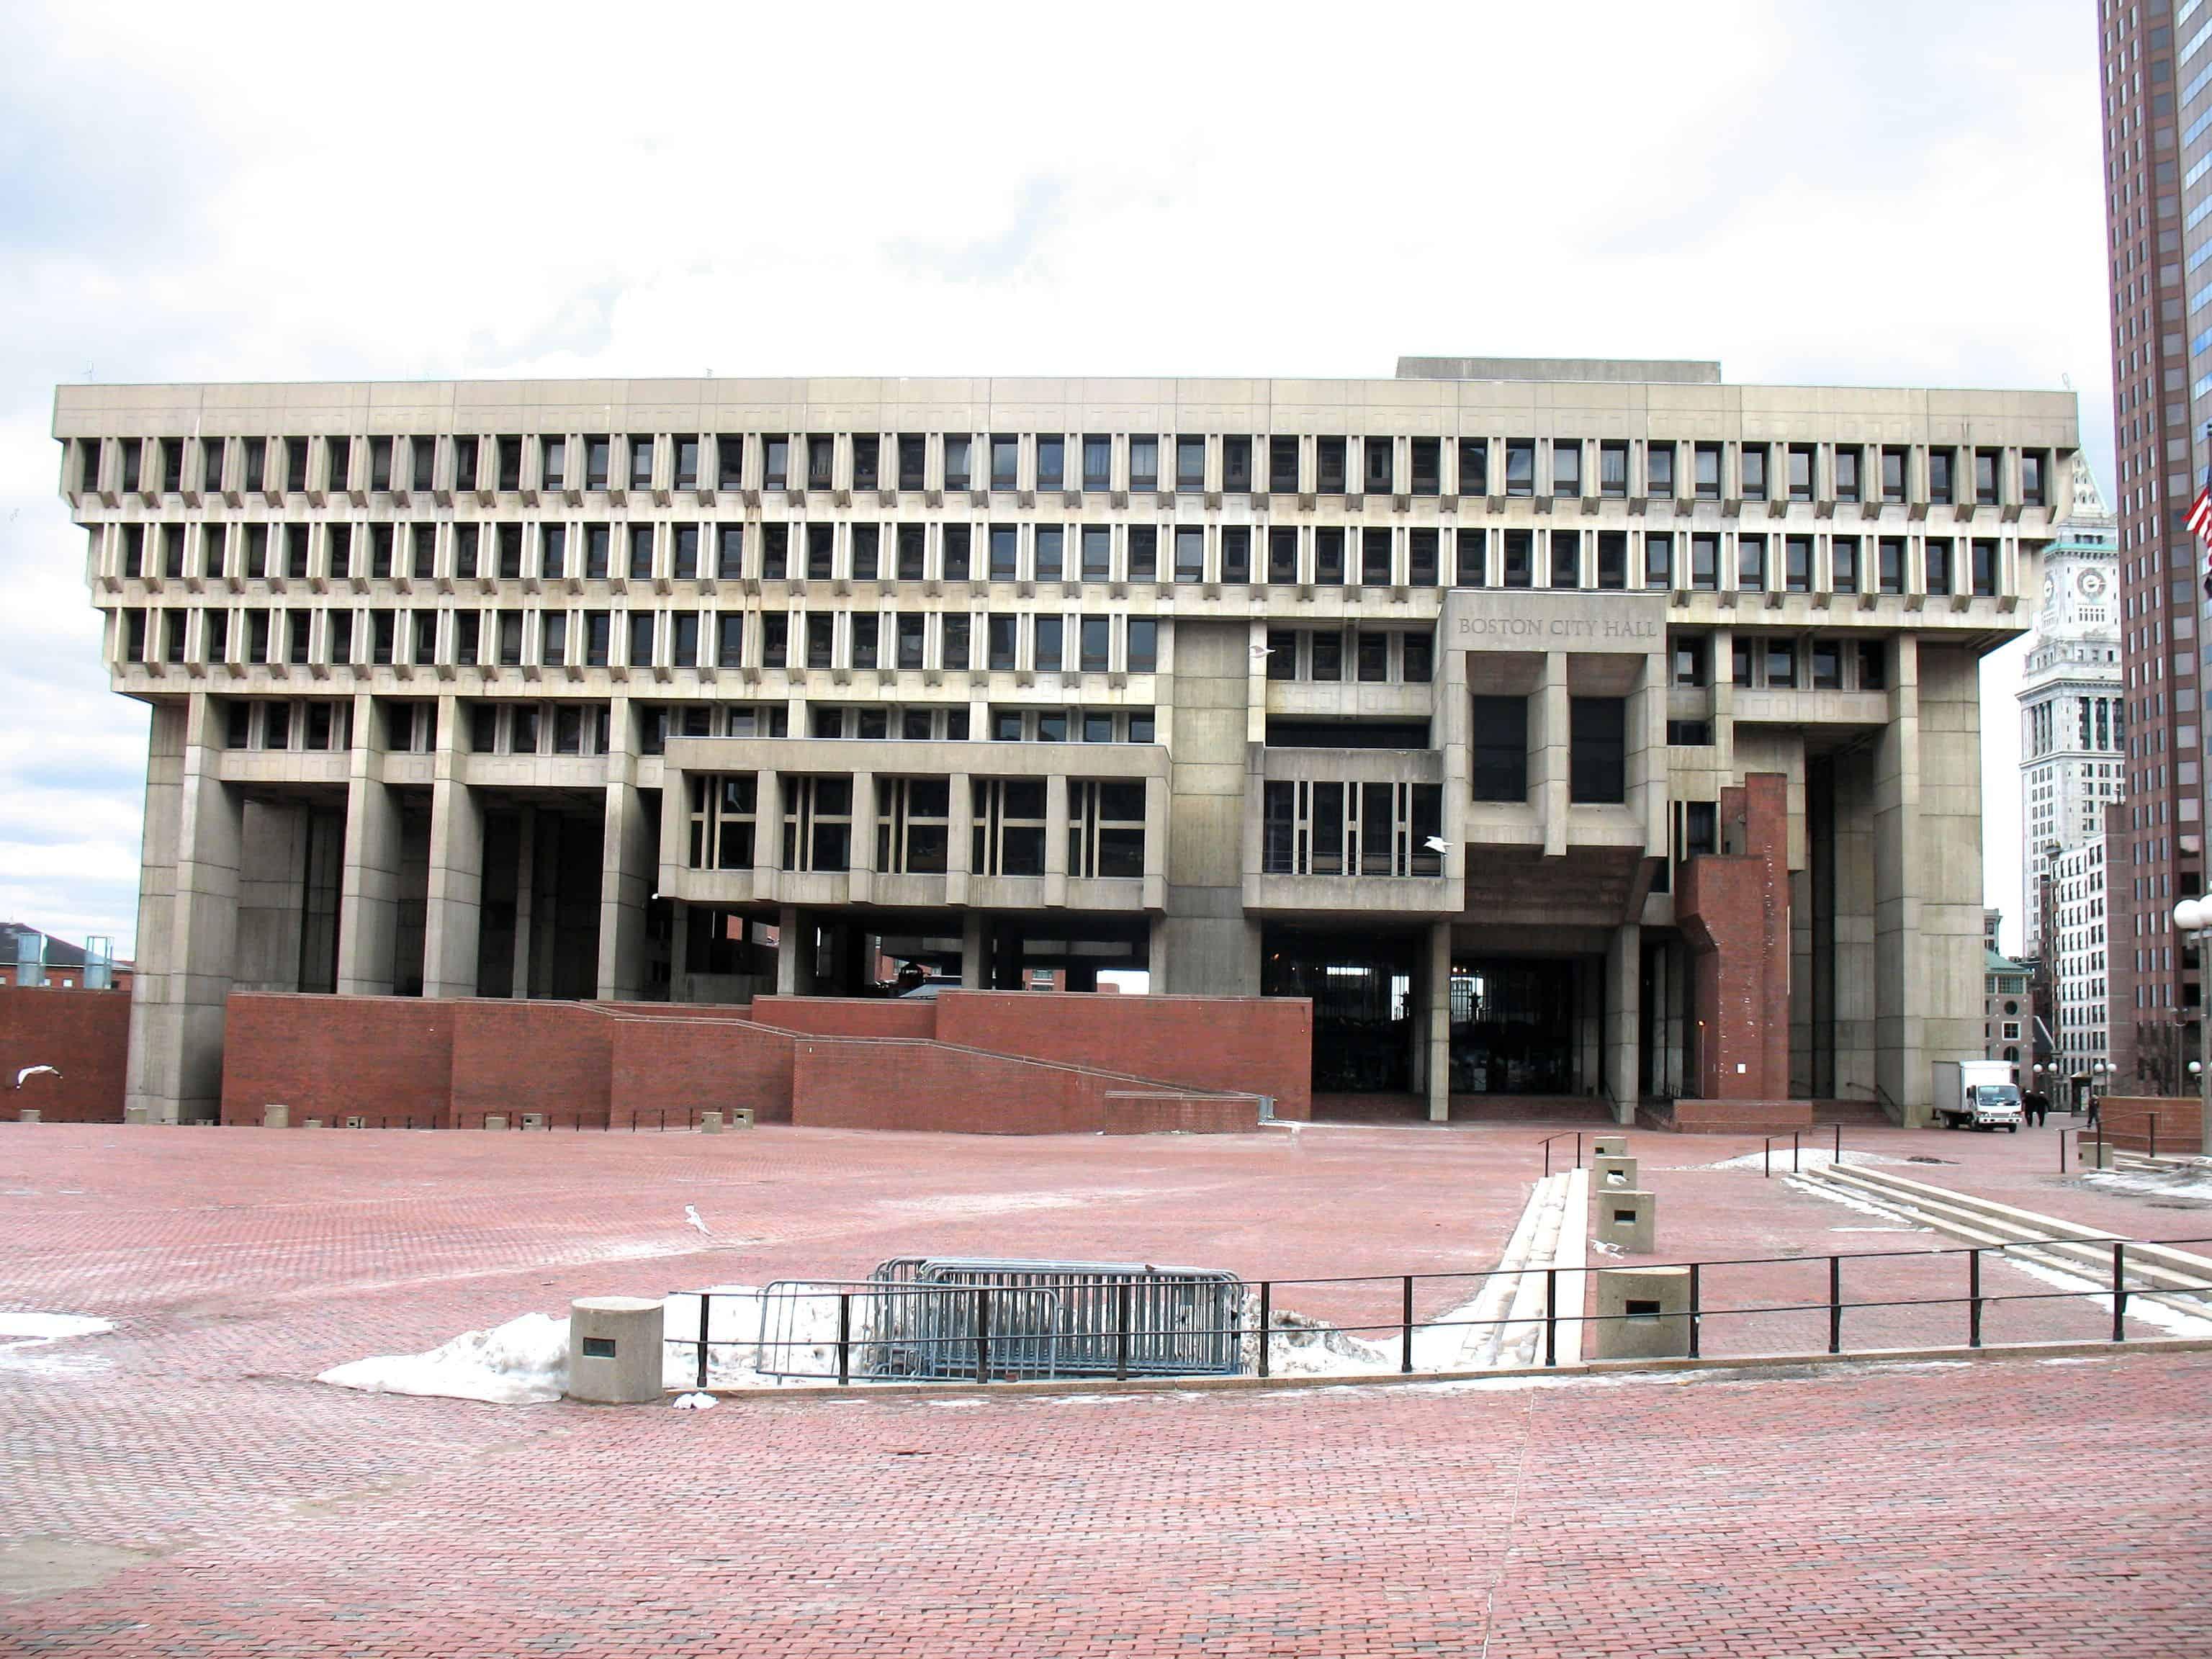 Photographie de l'hôtel de ville de Boston par Kjetil Ree sous licence CC SA-BY 2.5-2.0-1.0